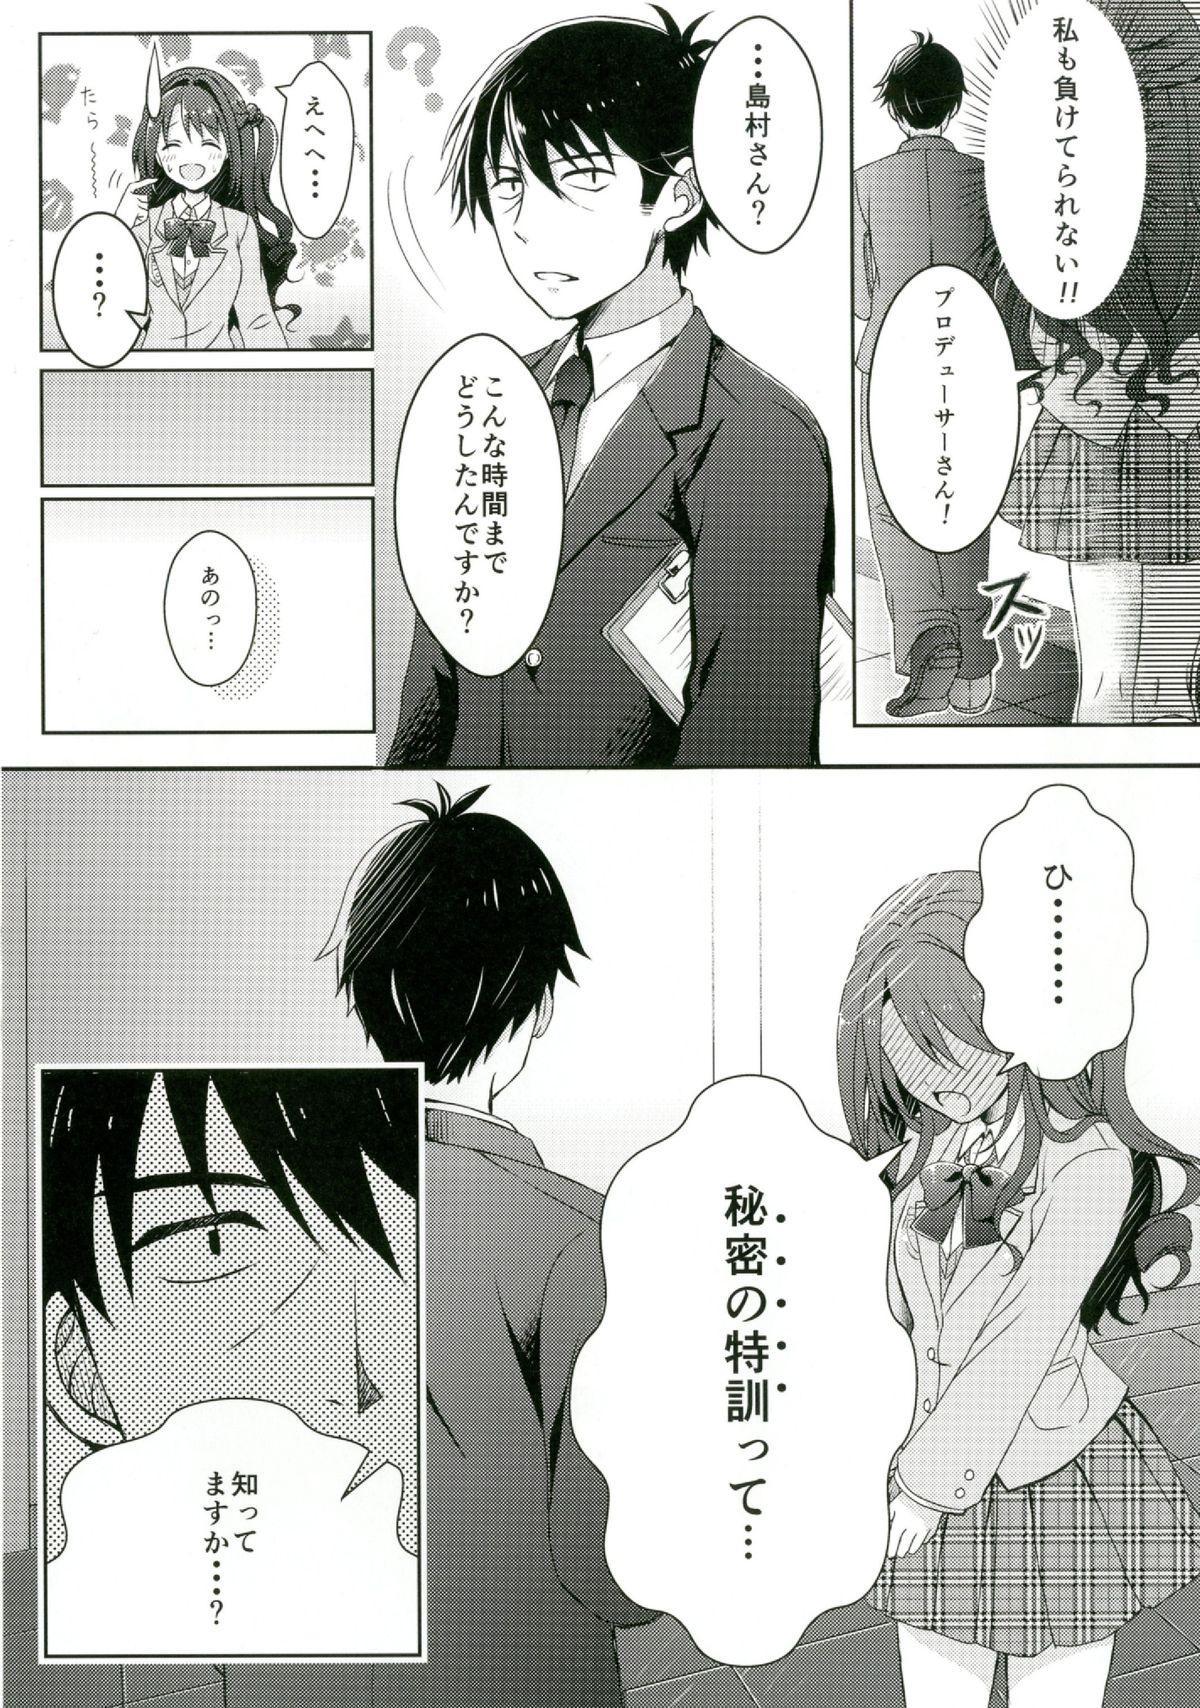 Himitsu no Tokkun 8